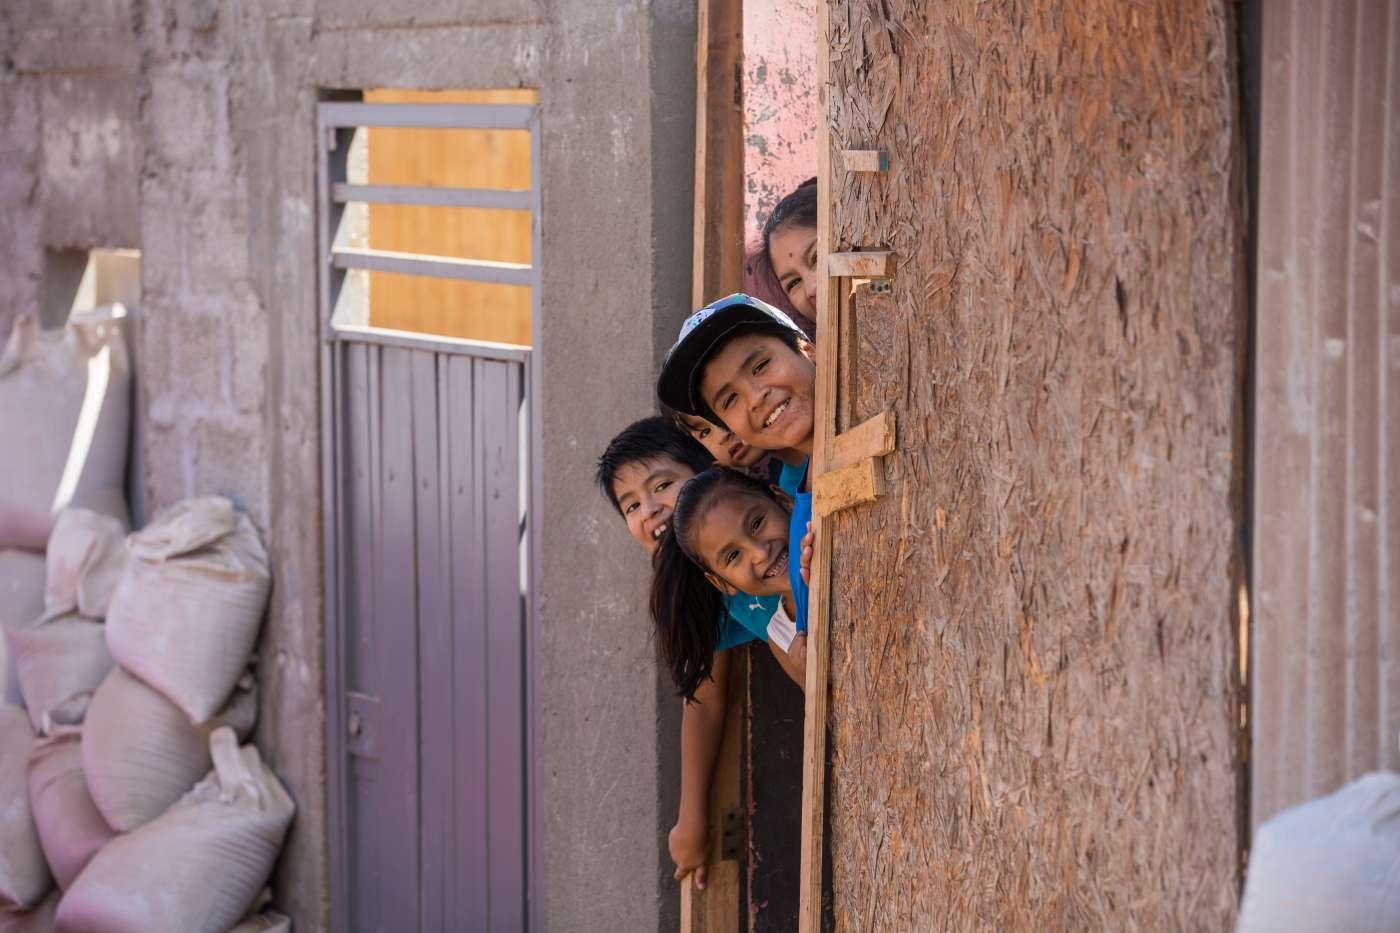 Día del Niño con sentido: Dar alegría a los demás